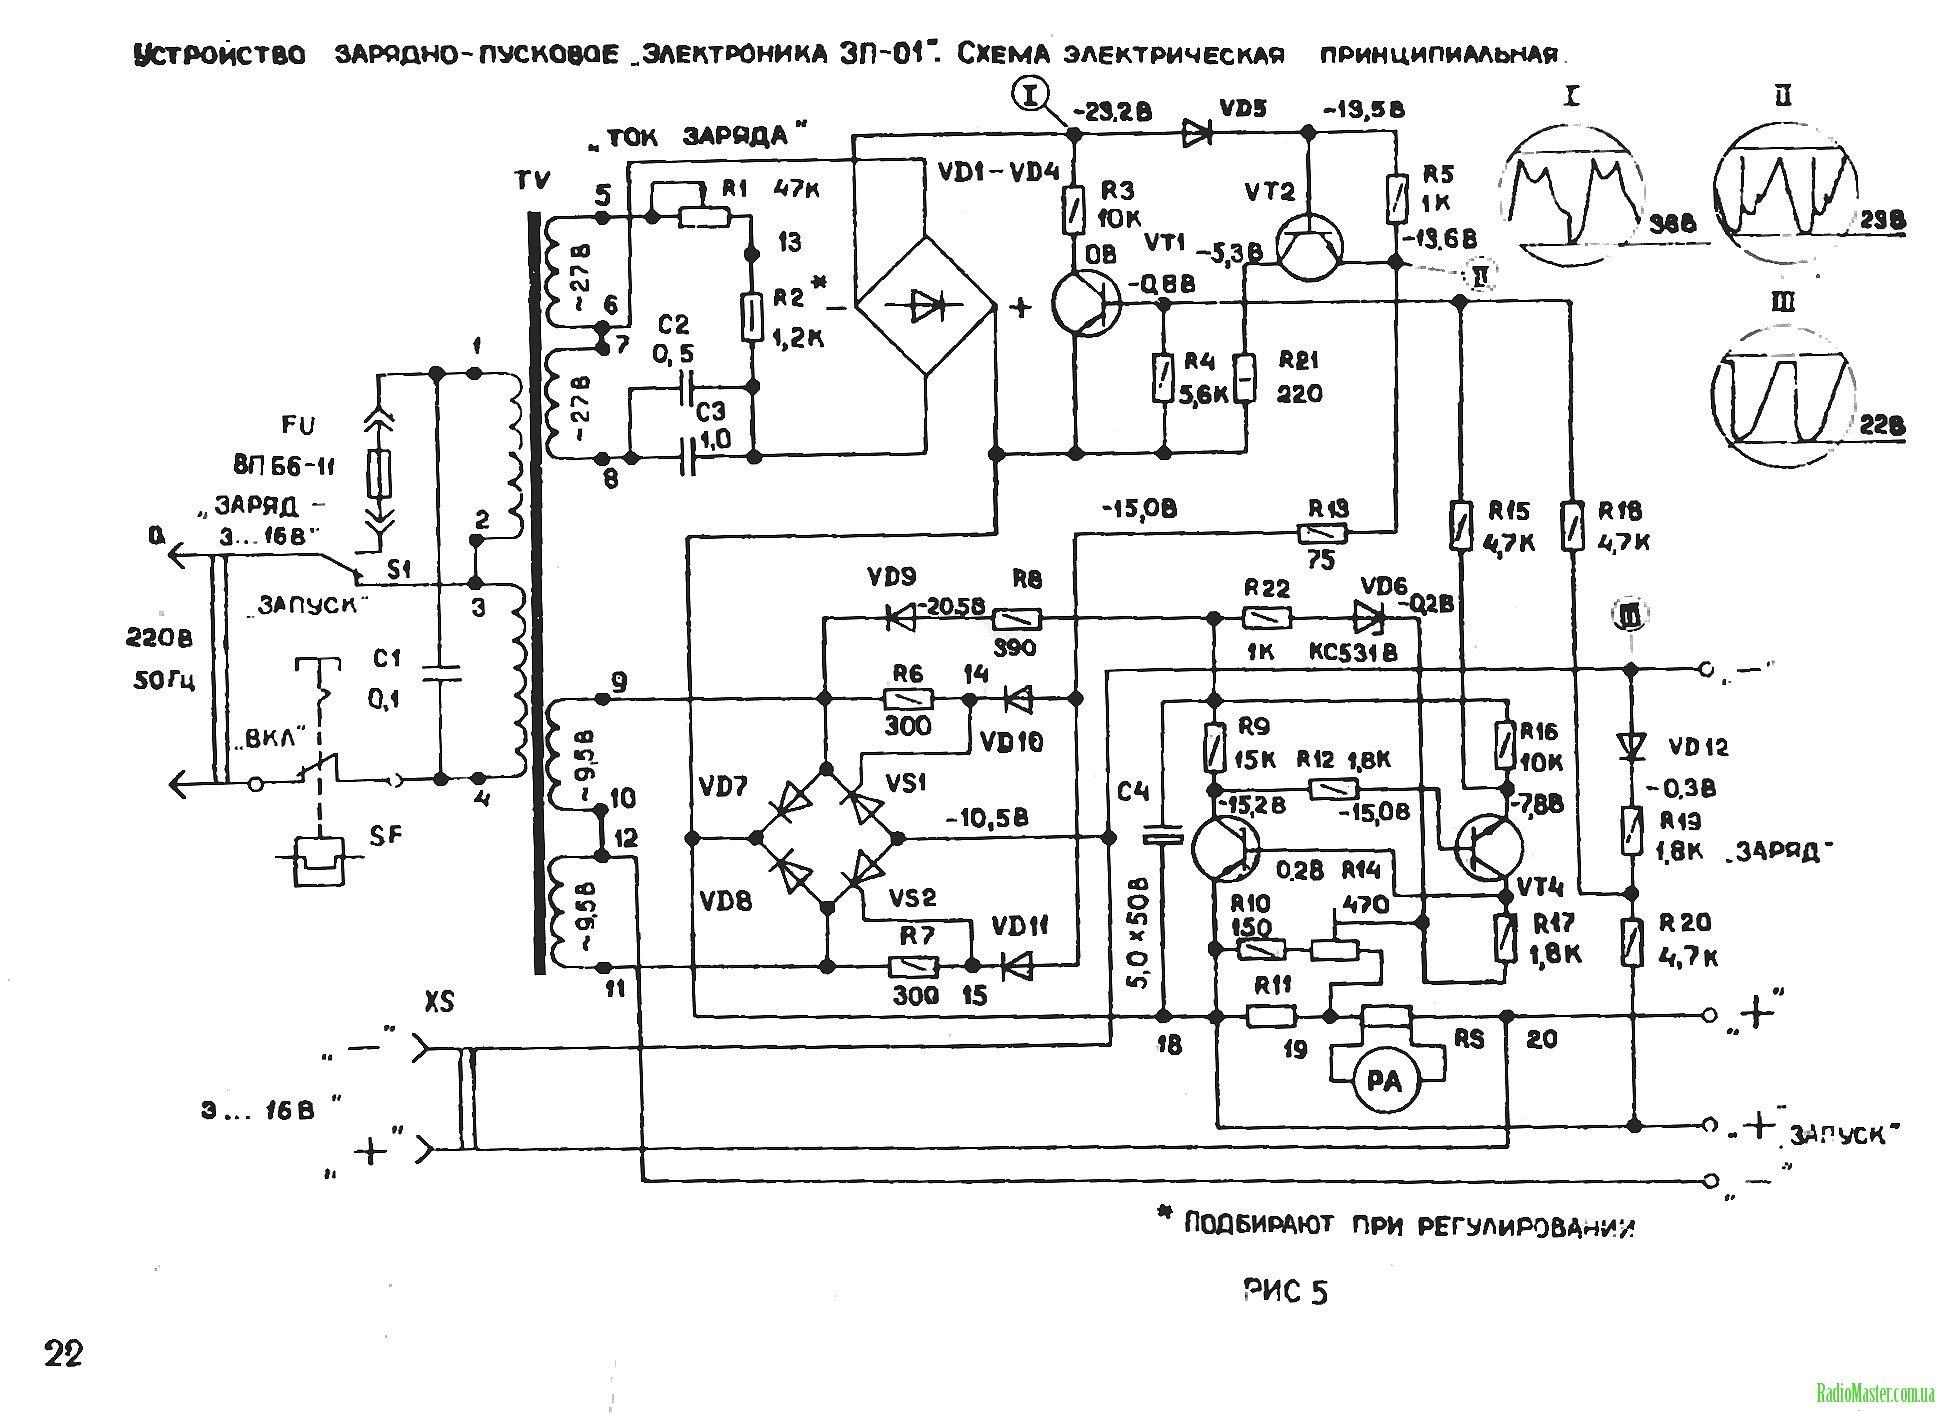 Ищу схему на зарядное устройство, исток 2, форум